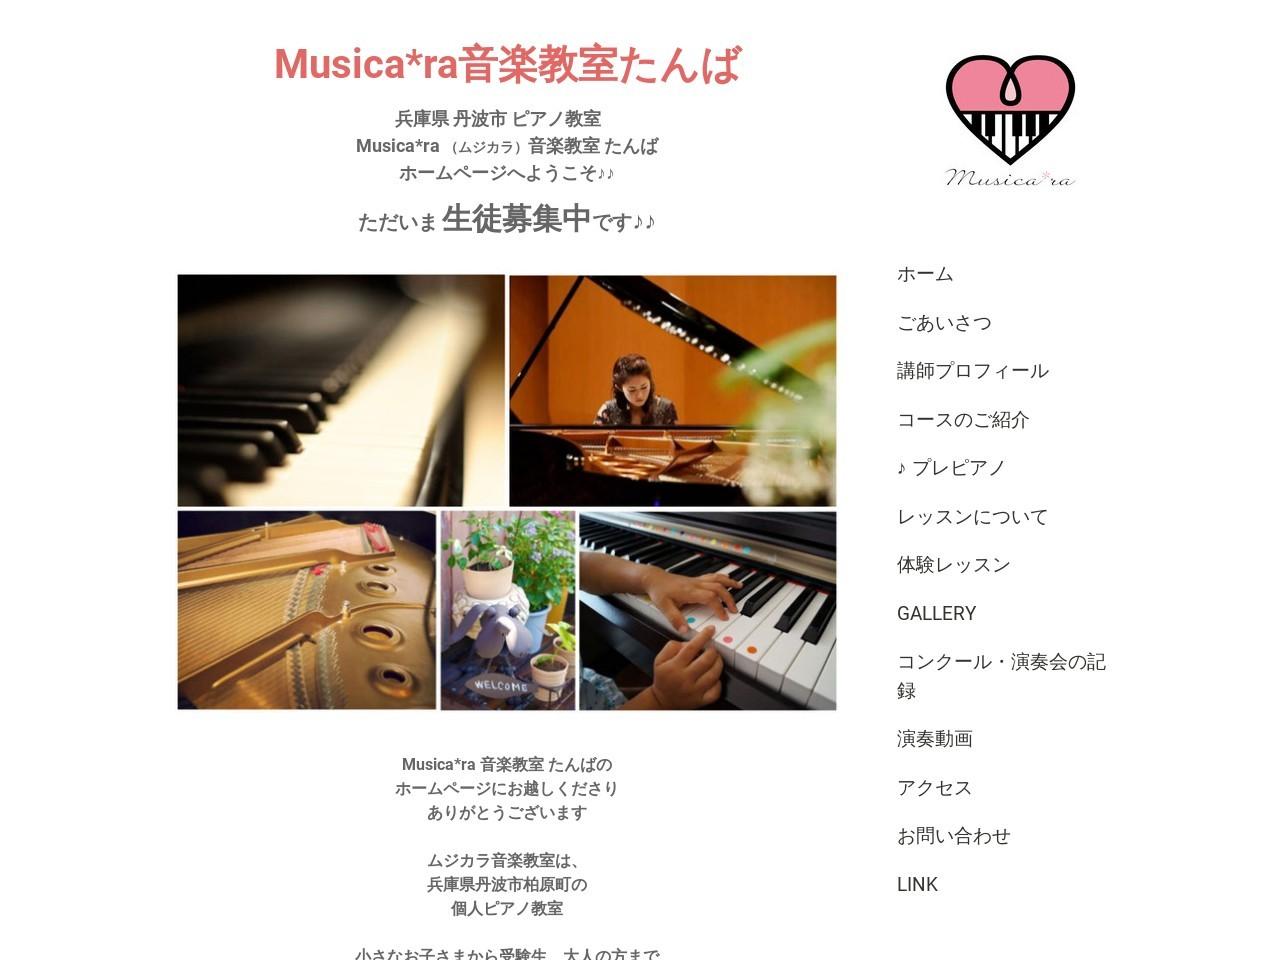 Musica*ra音楽教室たんばのサムネイル